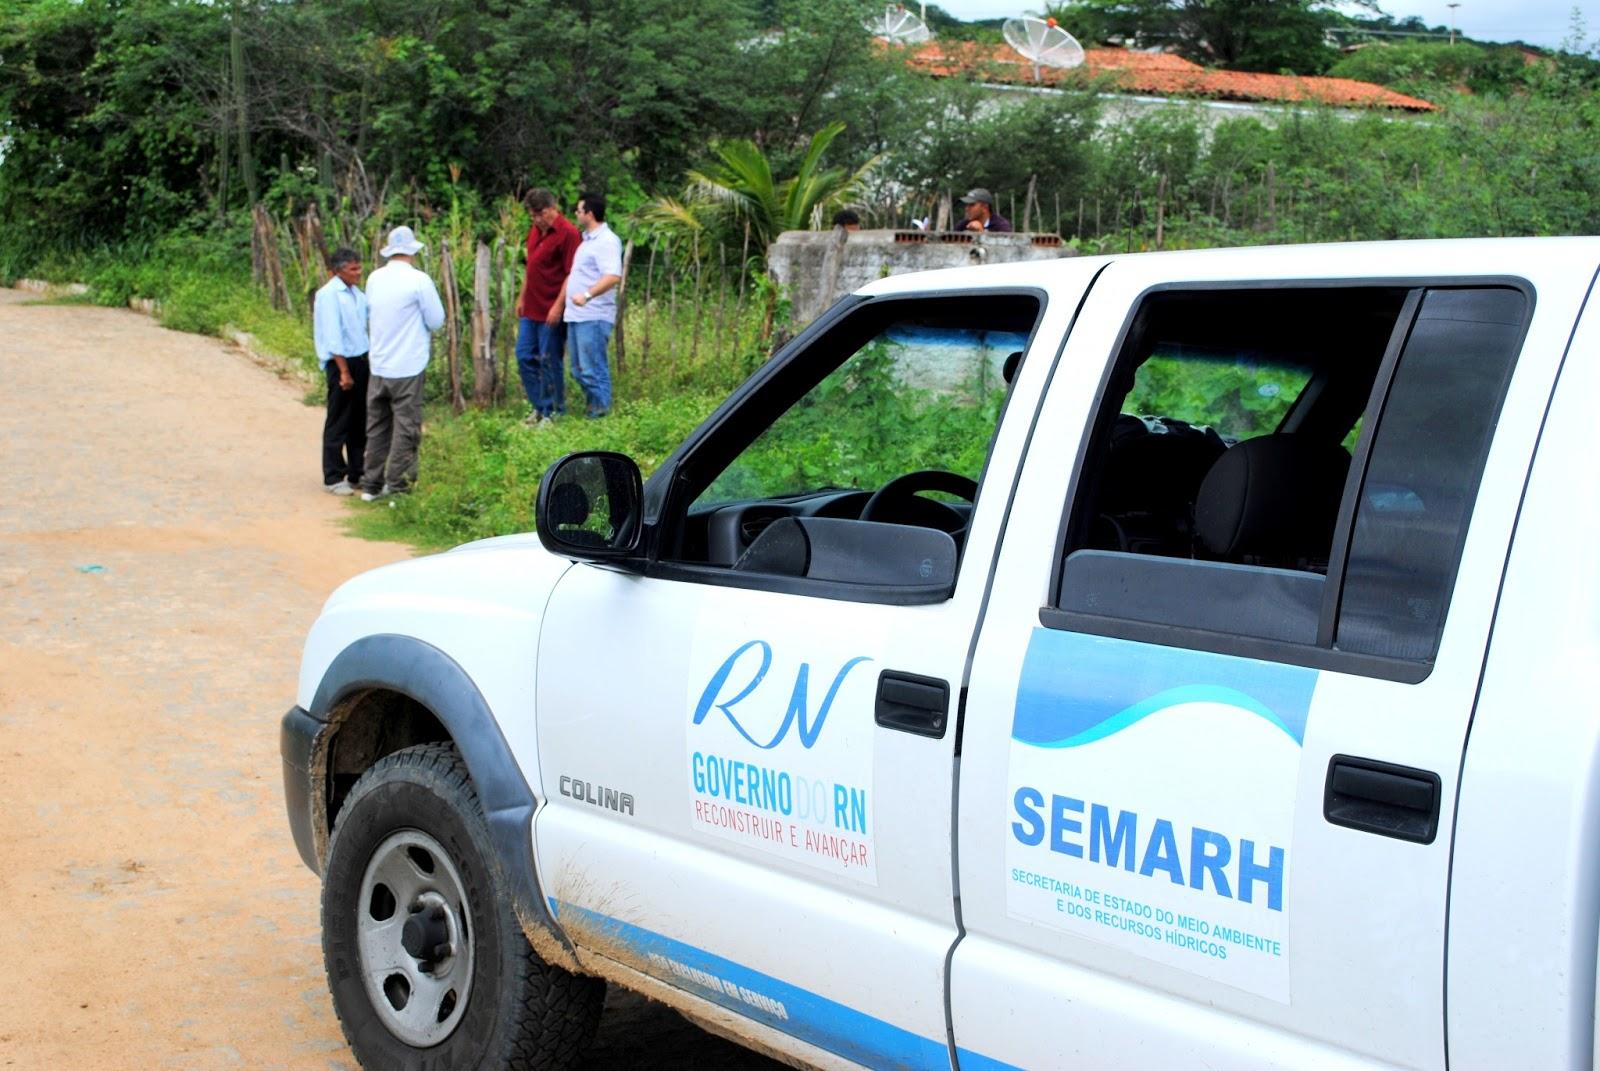 Rio Grande do Norte recebe prêmio da ONU por ações de recuperação ambiental